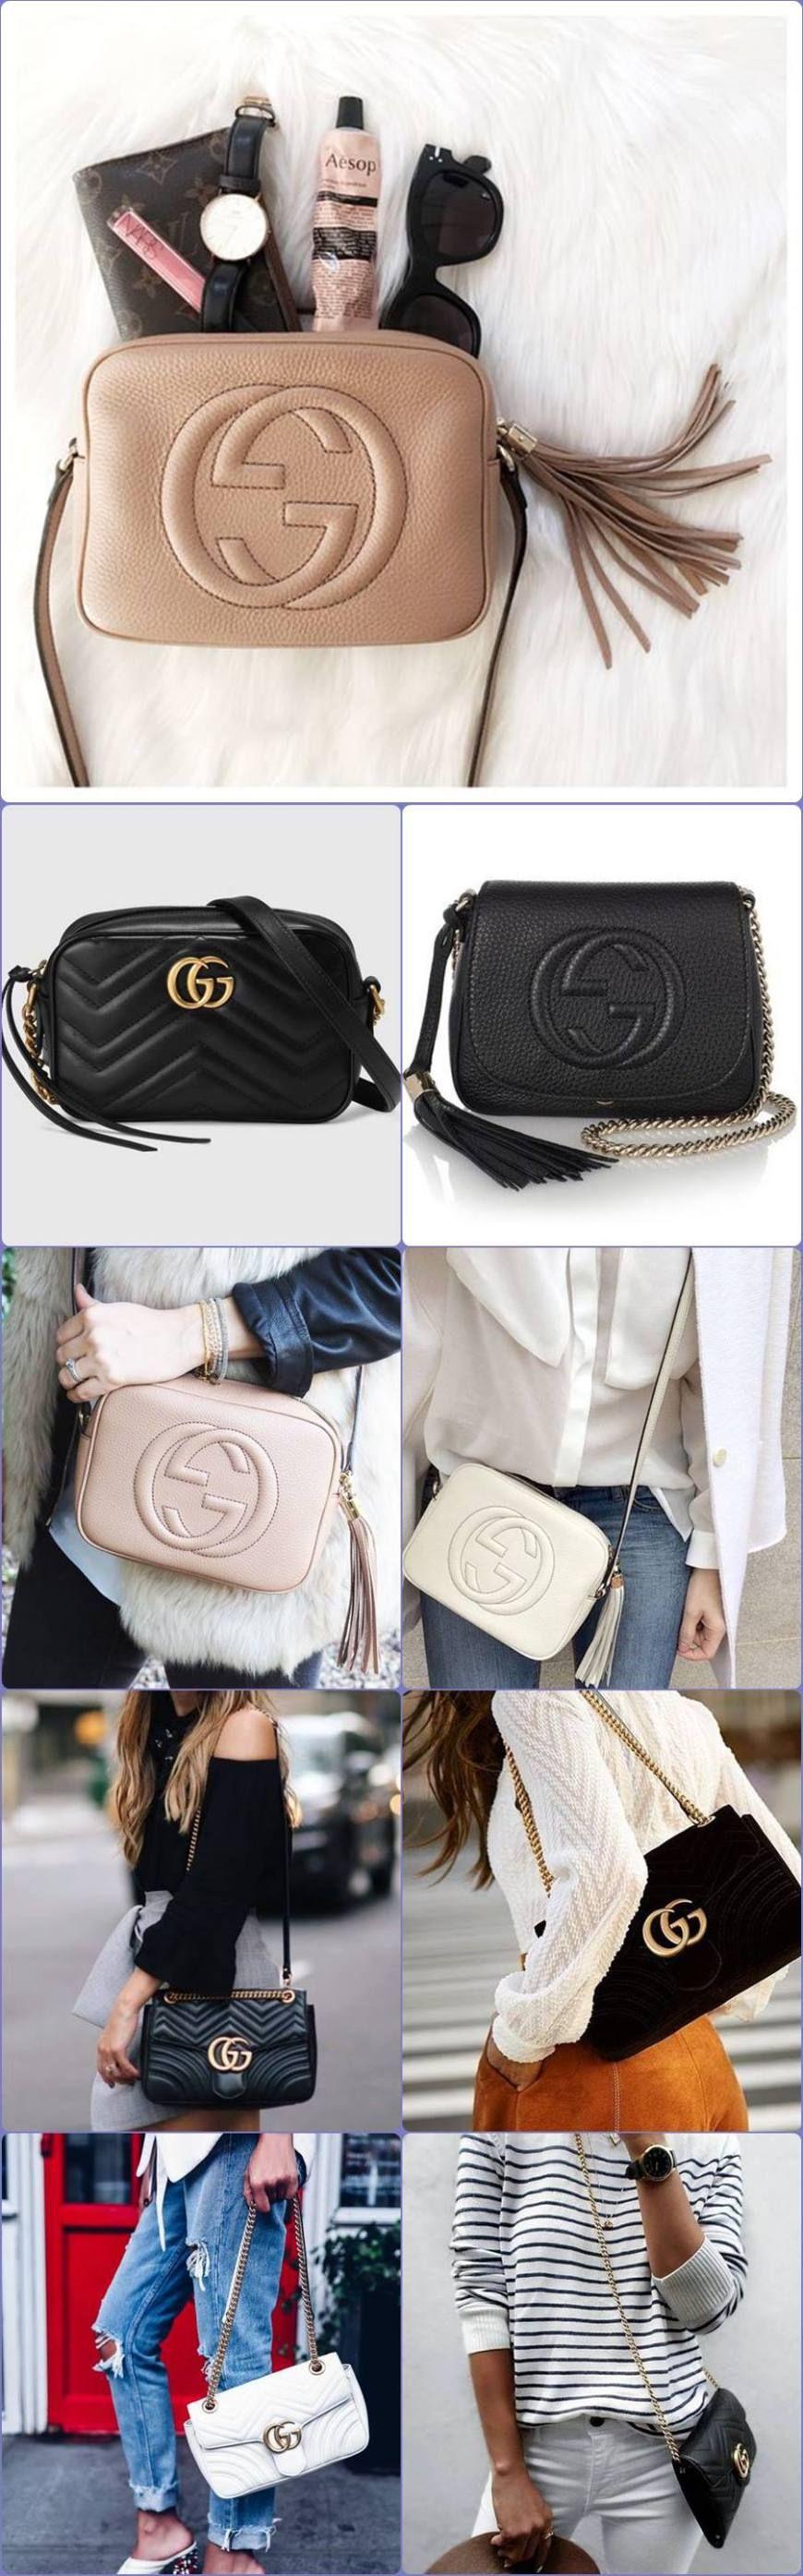 Bolsa pequena – Chanel, Gucci, Chloé, MK – Boda fotos